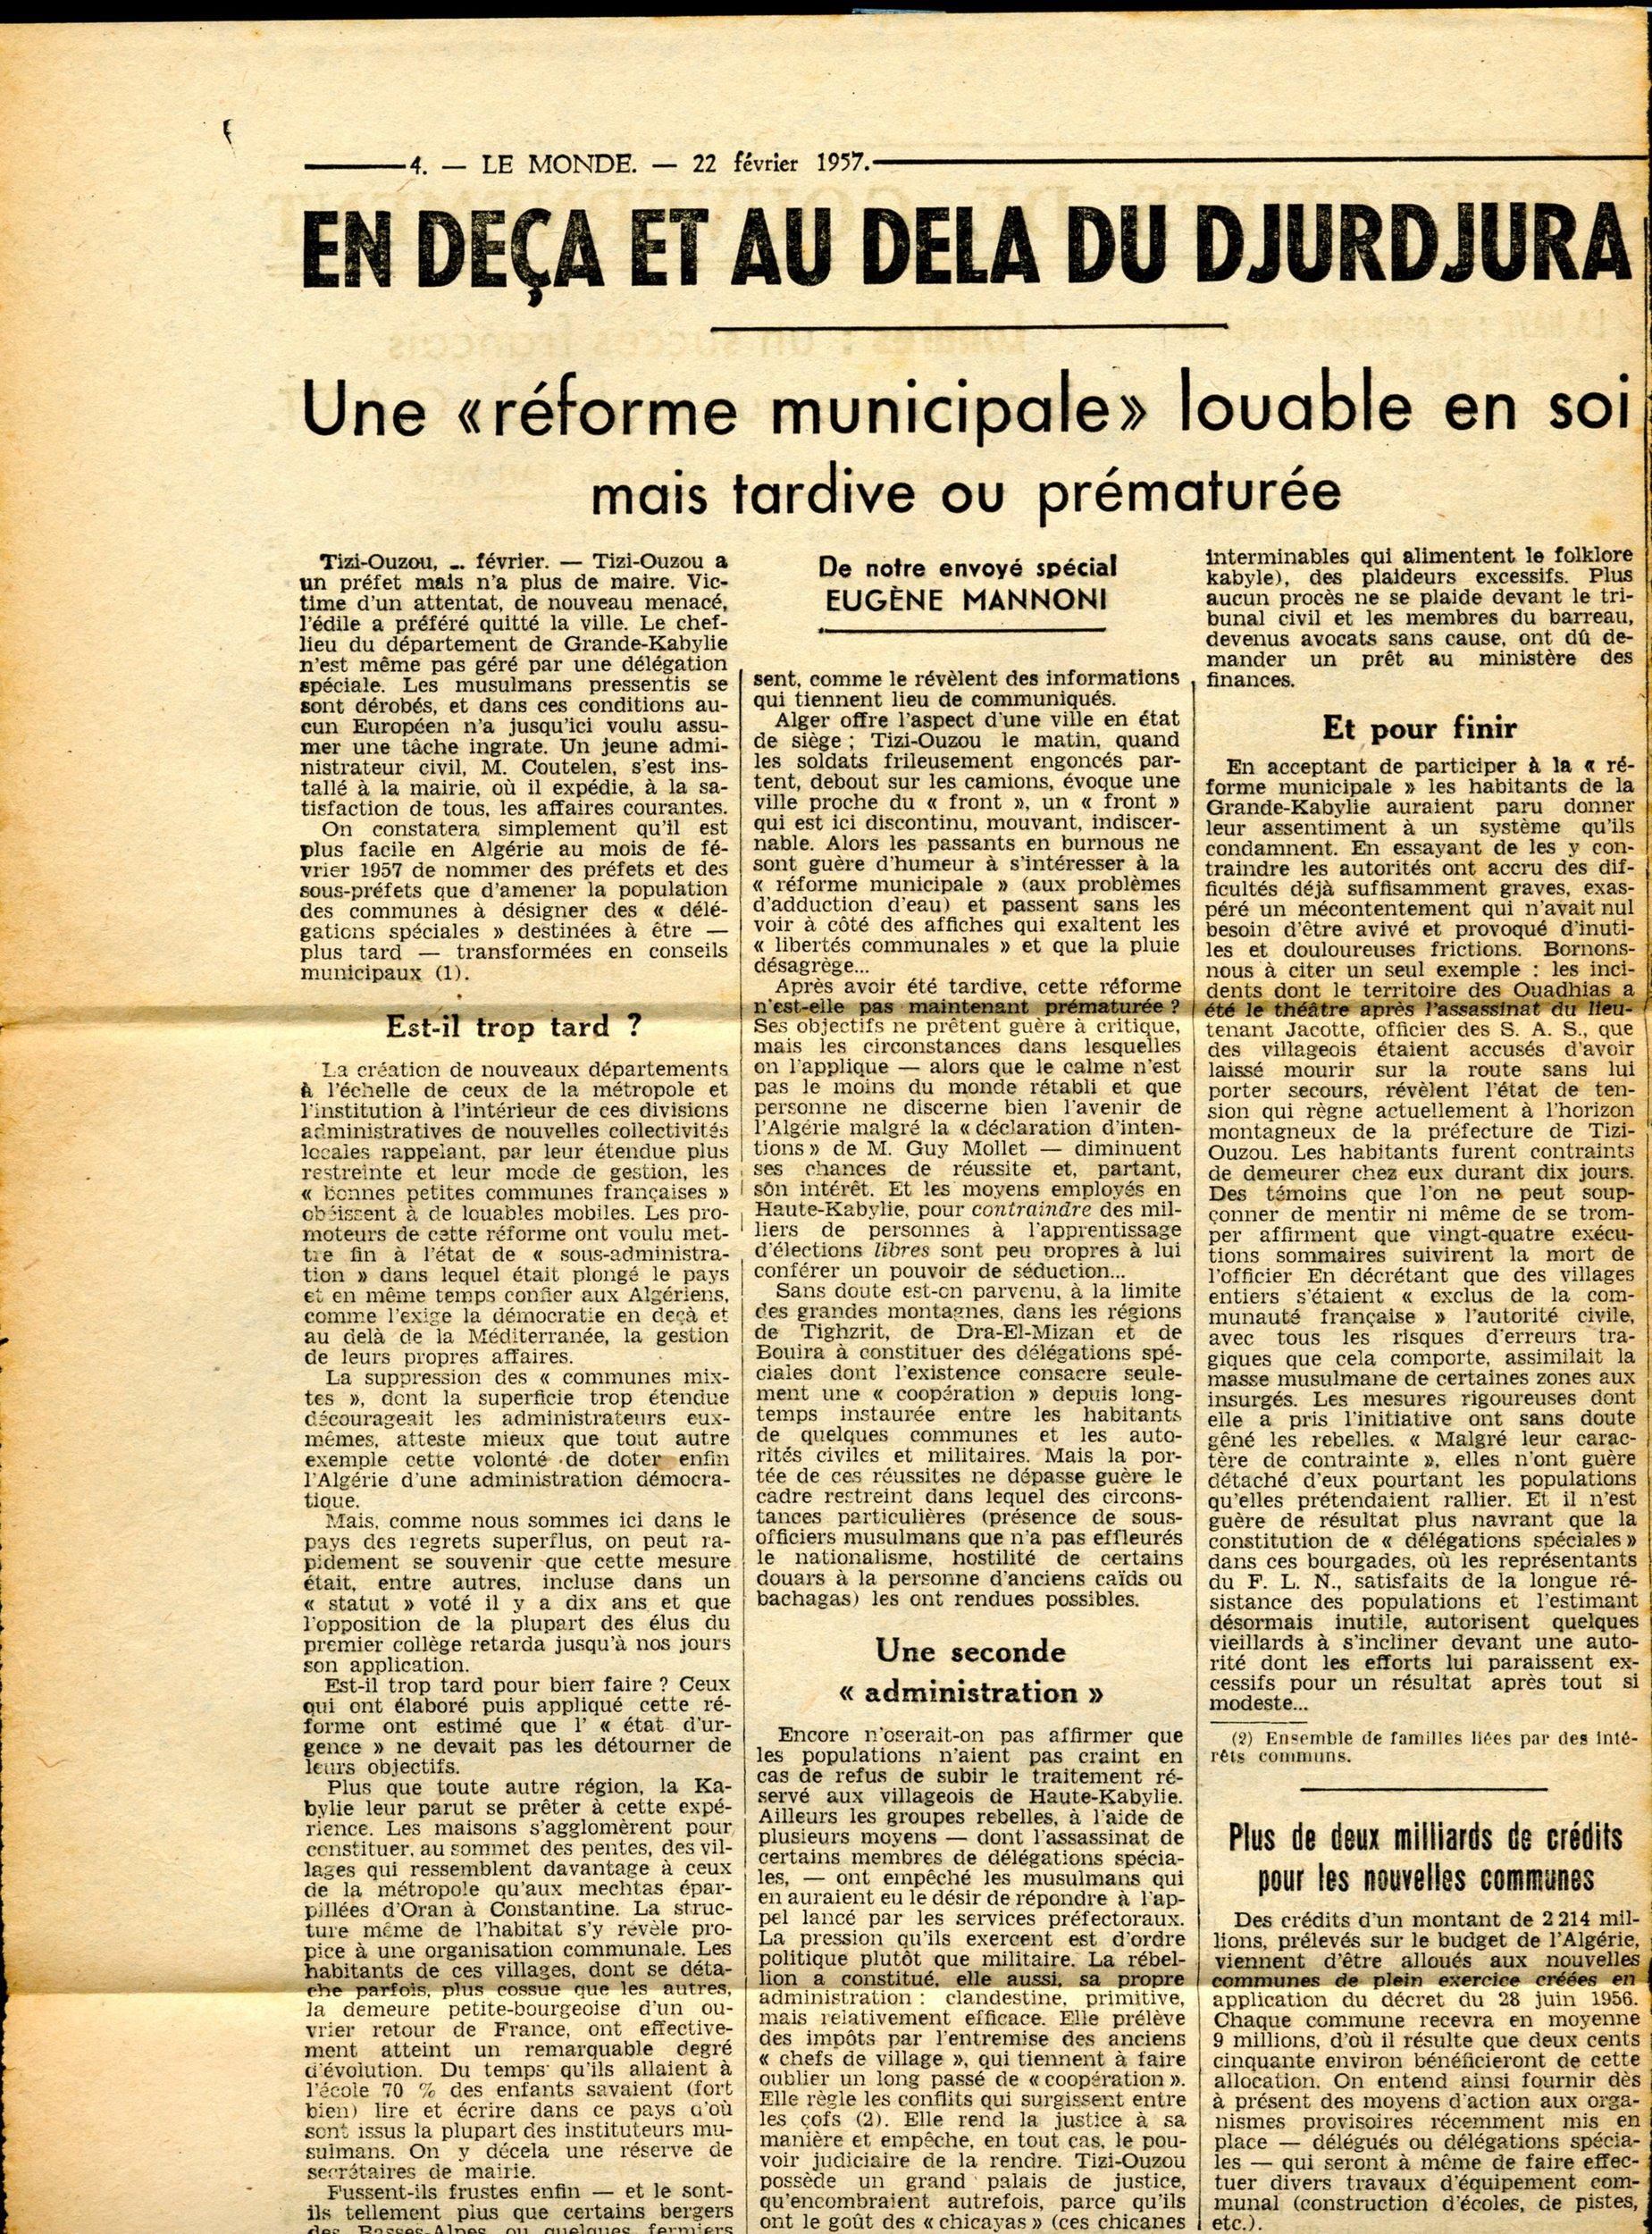 REC_MAN_JOUR10_journal le monde du 22 fev 1957.jpg